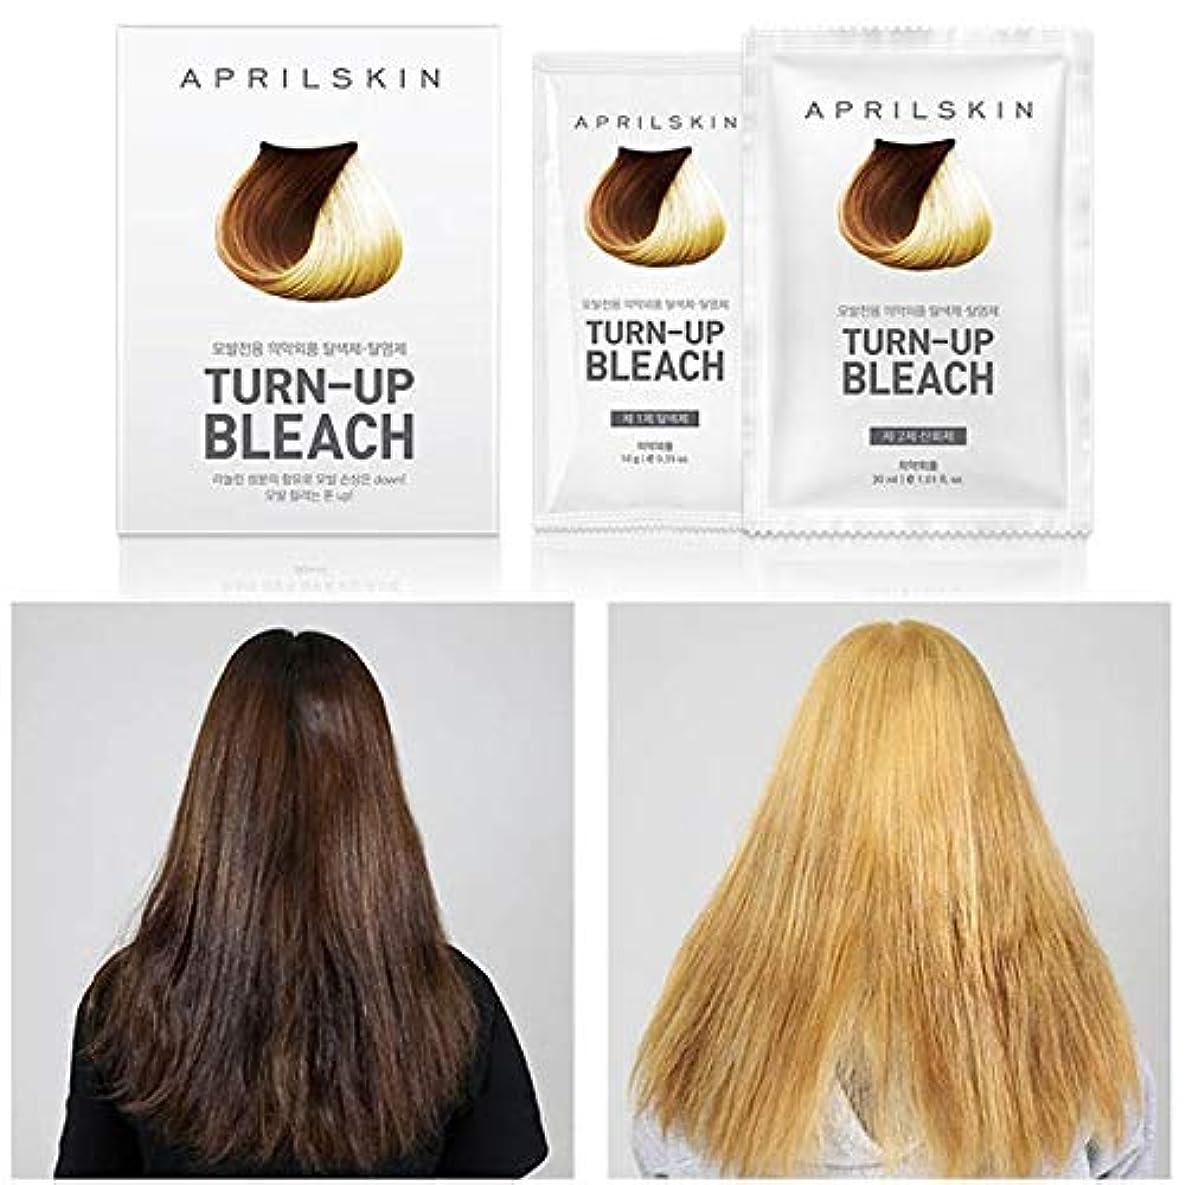 窒息させる申し立てられたコンプライアンスエープリル?スキン [韓国コスメ April Skin] 漂白ブリーチ(ヘアブリーチ)Turn Up Bleach (Hair Bleach)/Korea Cosmetics